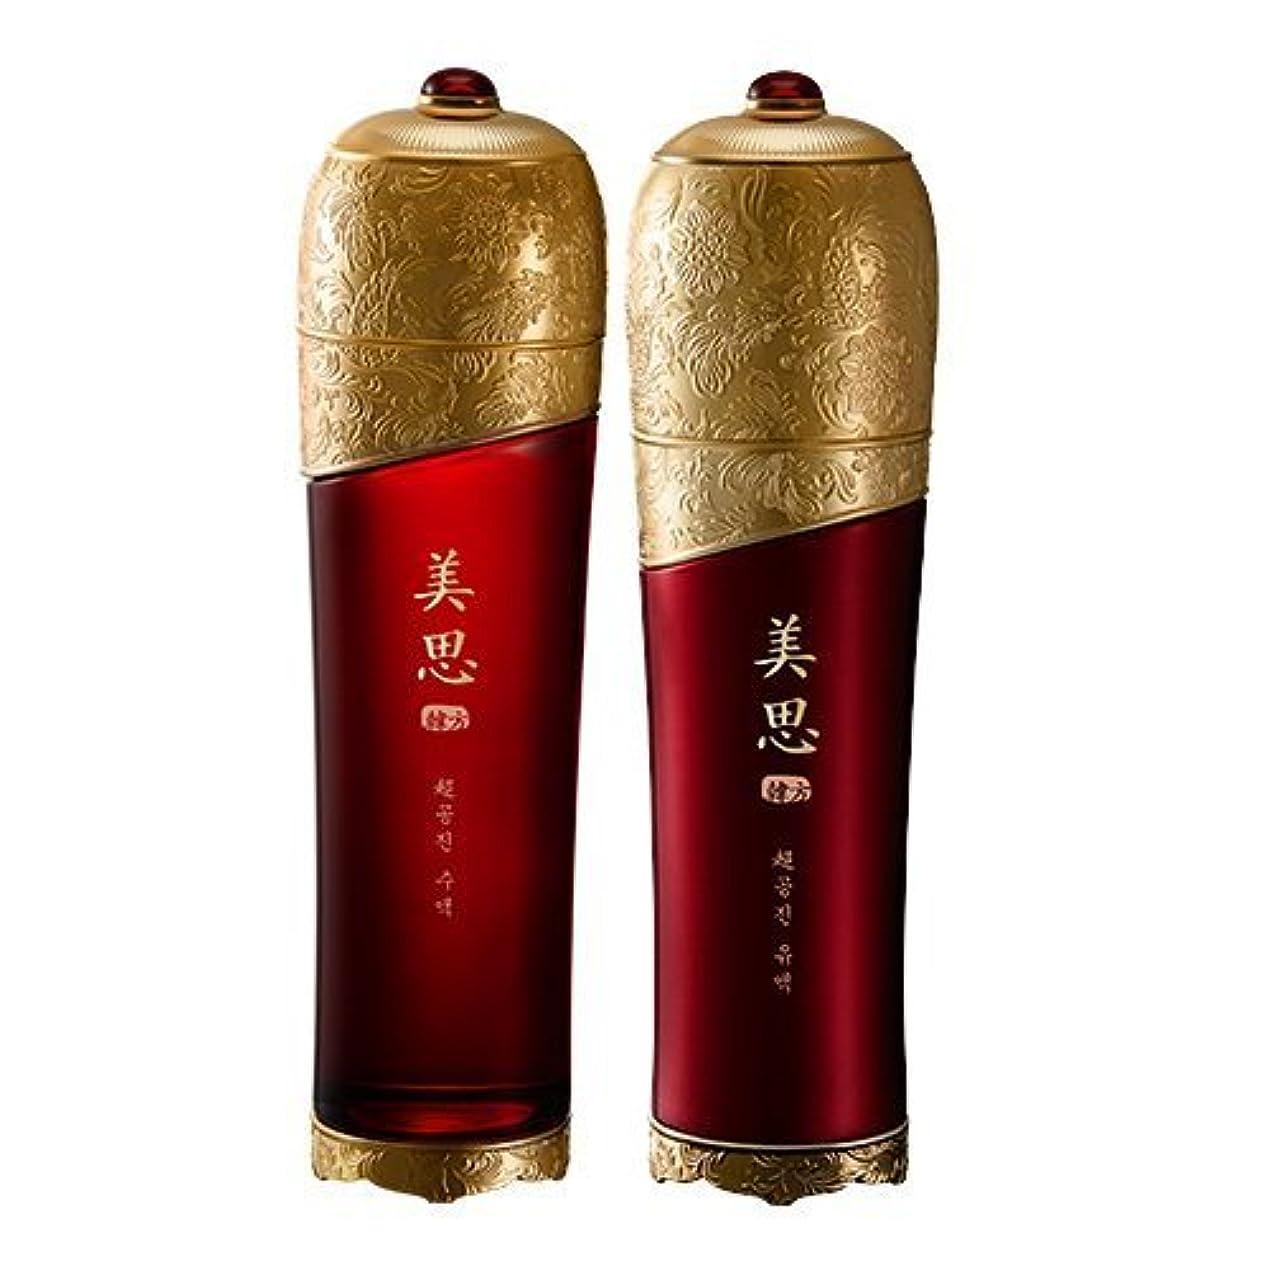 マニアイブ機密MISSHA(ミシャ) 美思 韓方 チョゴンジン 基礎化粧品 スキンケア 化粧水+乳液=お得2種Set